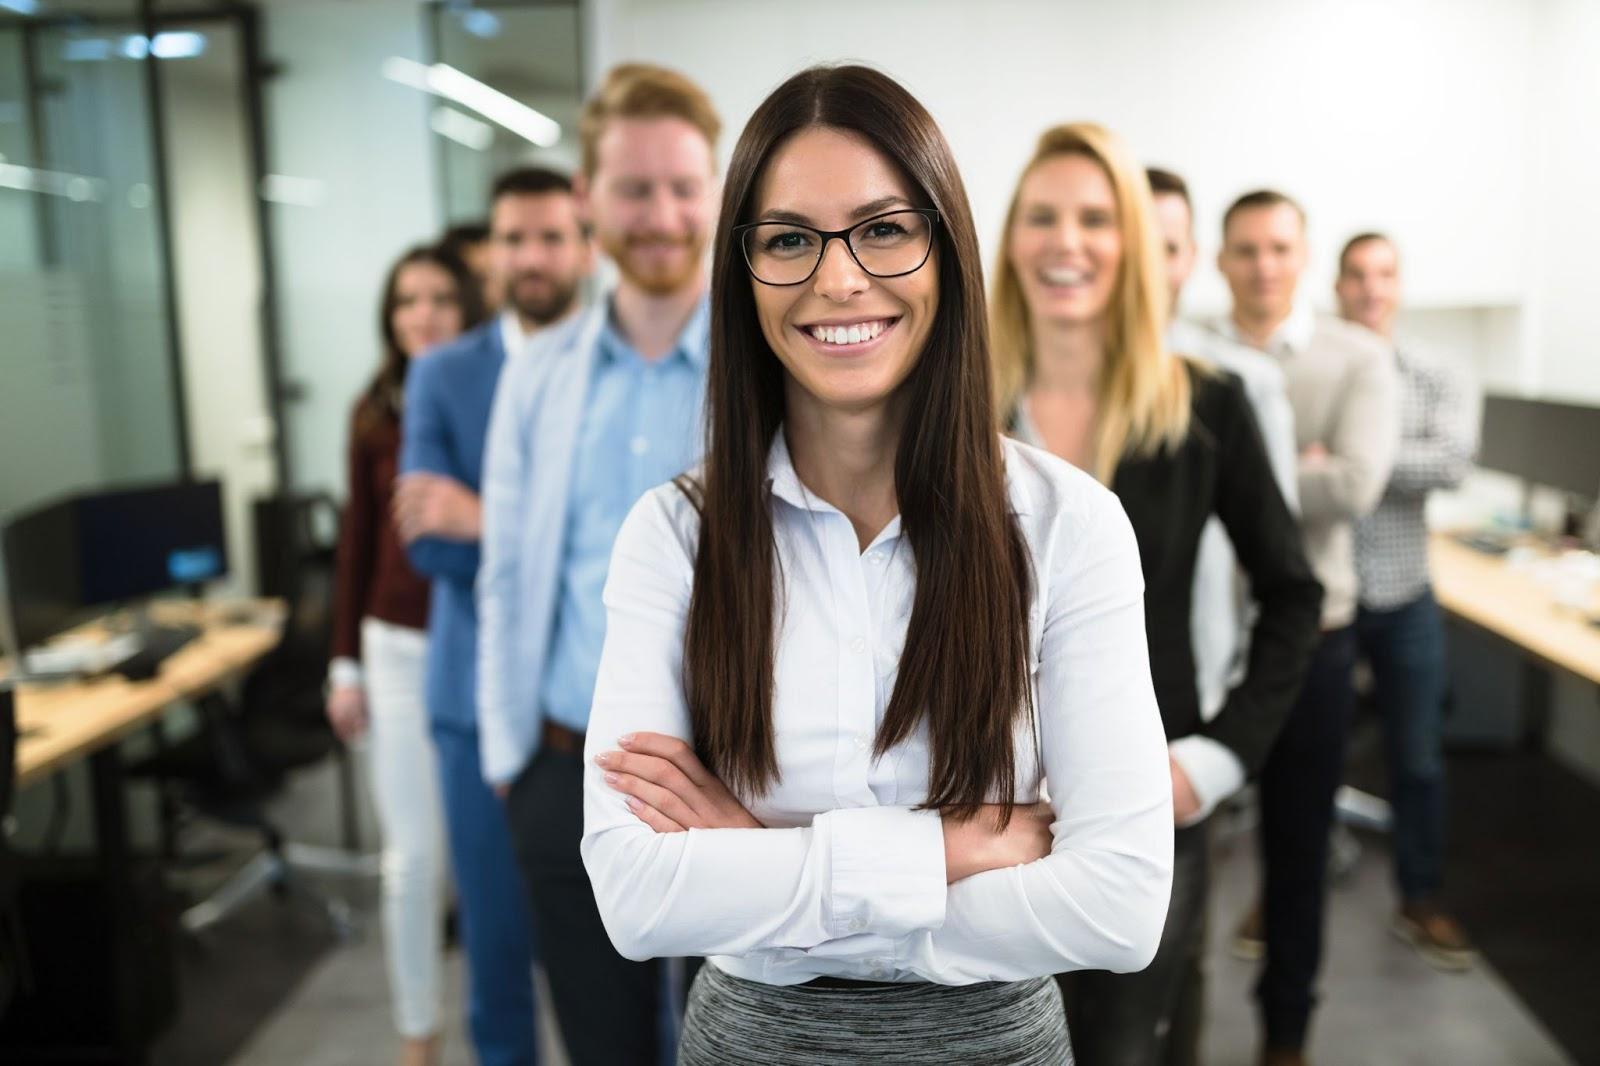 Metode eficiente pentru a spori productivitatea in cadrul companiei